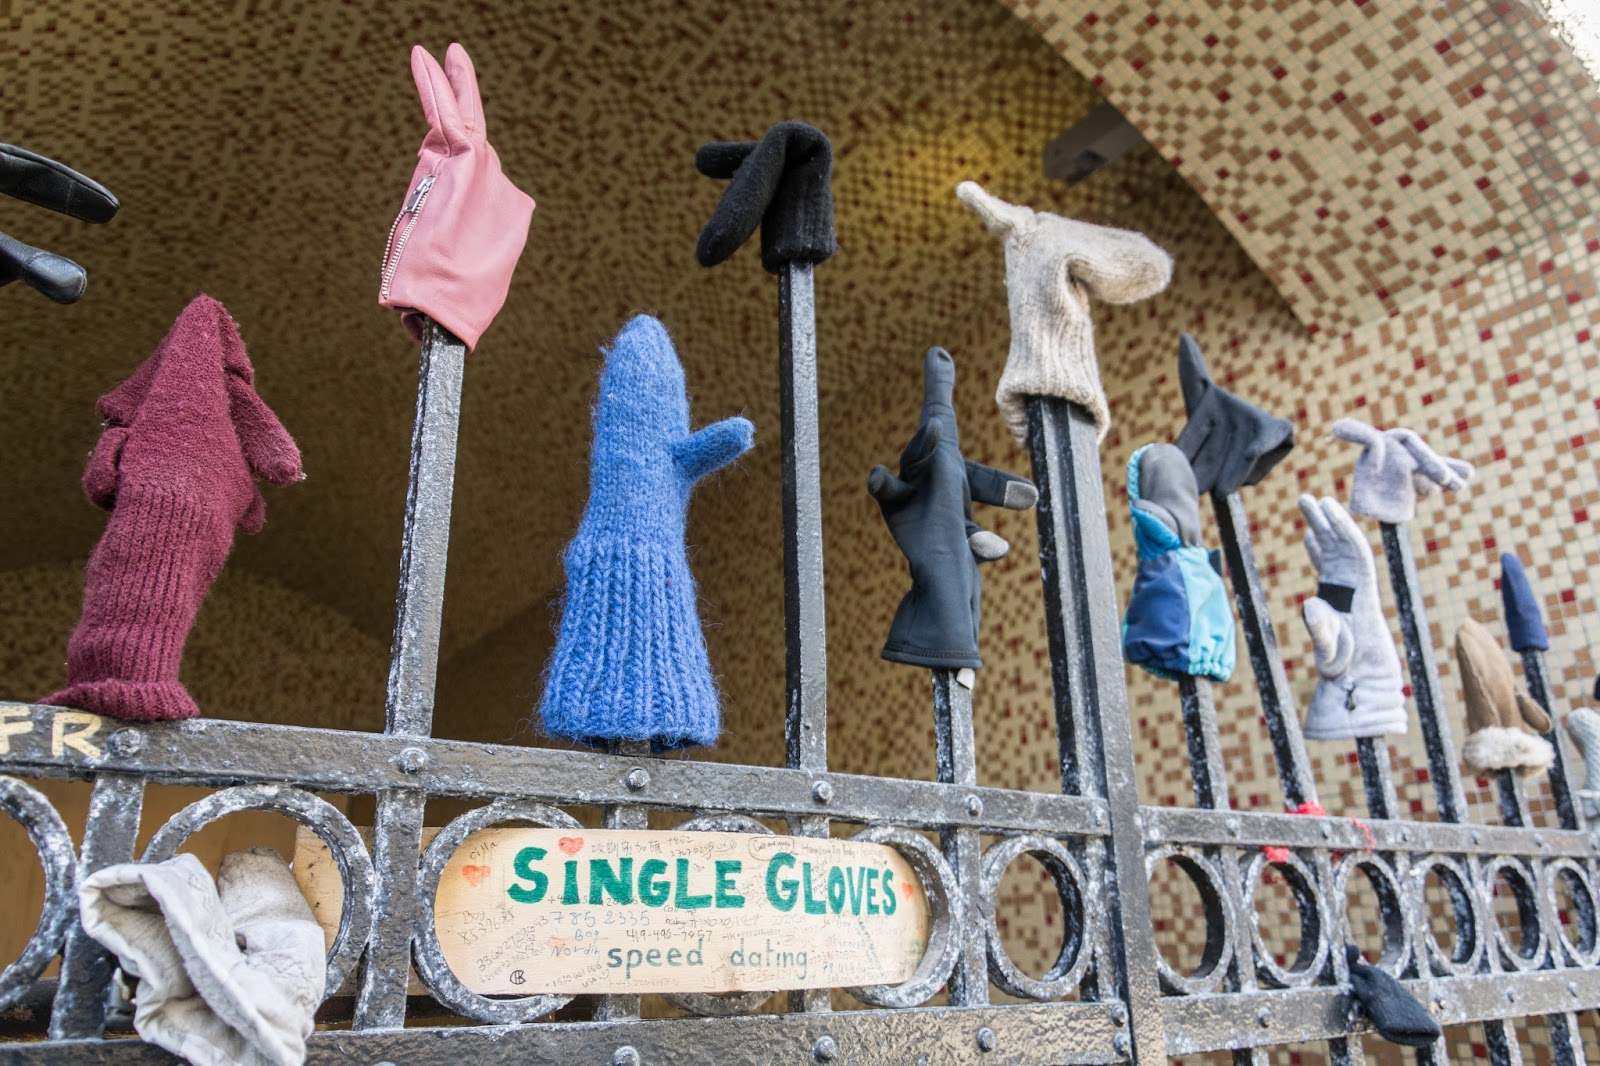 single handschoenen speed dating Reykjavik